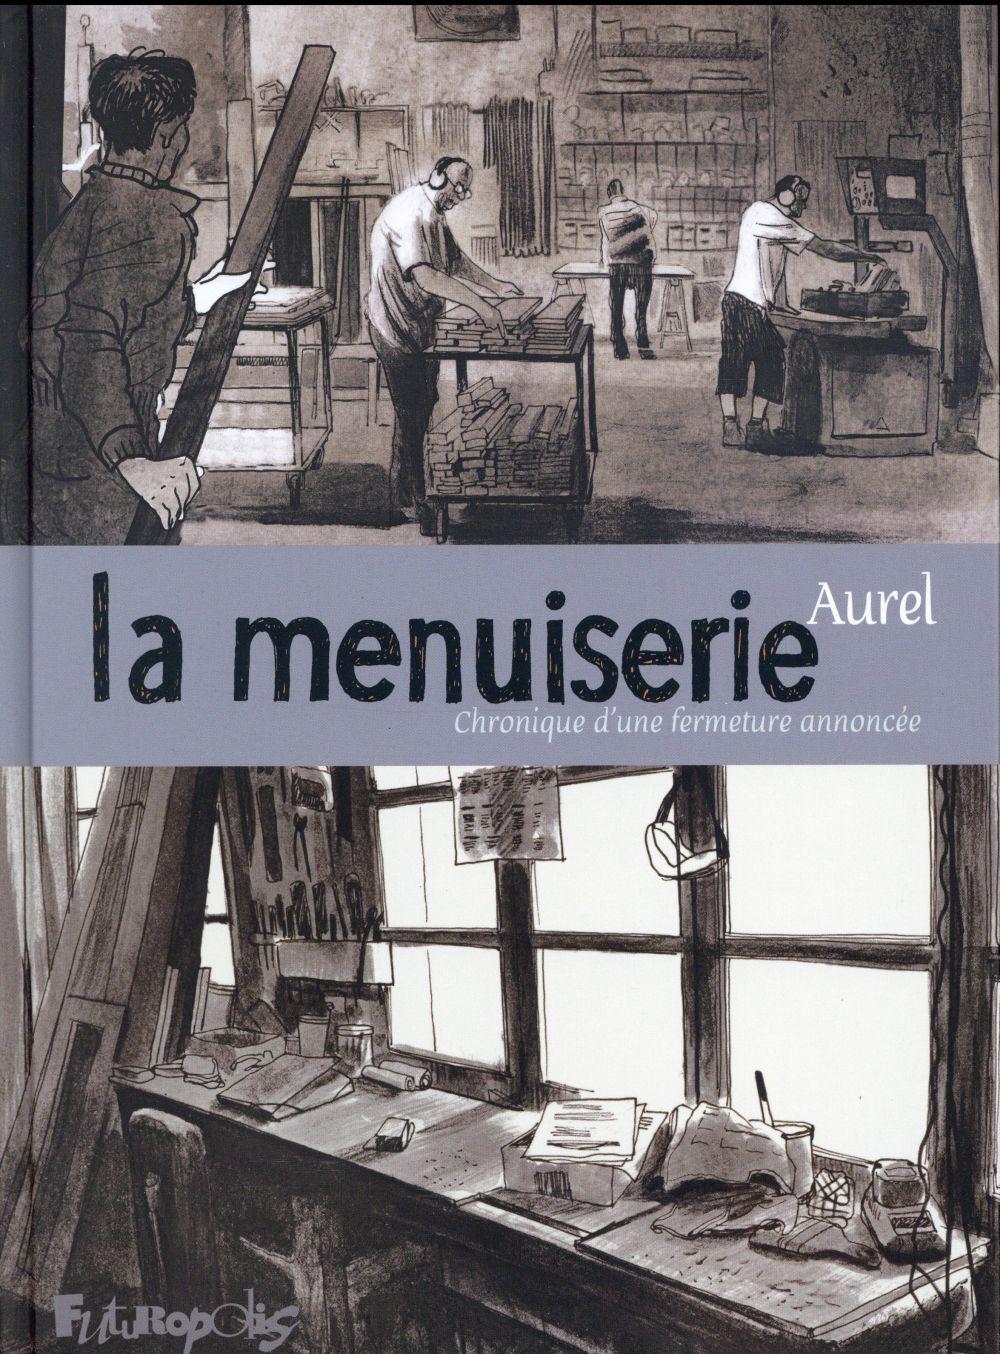 LA MENUISERIE - CHRONIQUE D'UNE FERMETURE ANNONCEE AUREL Futuropolis